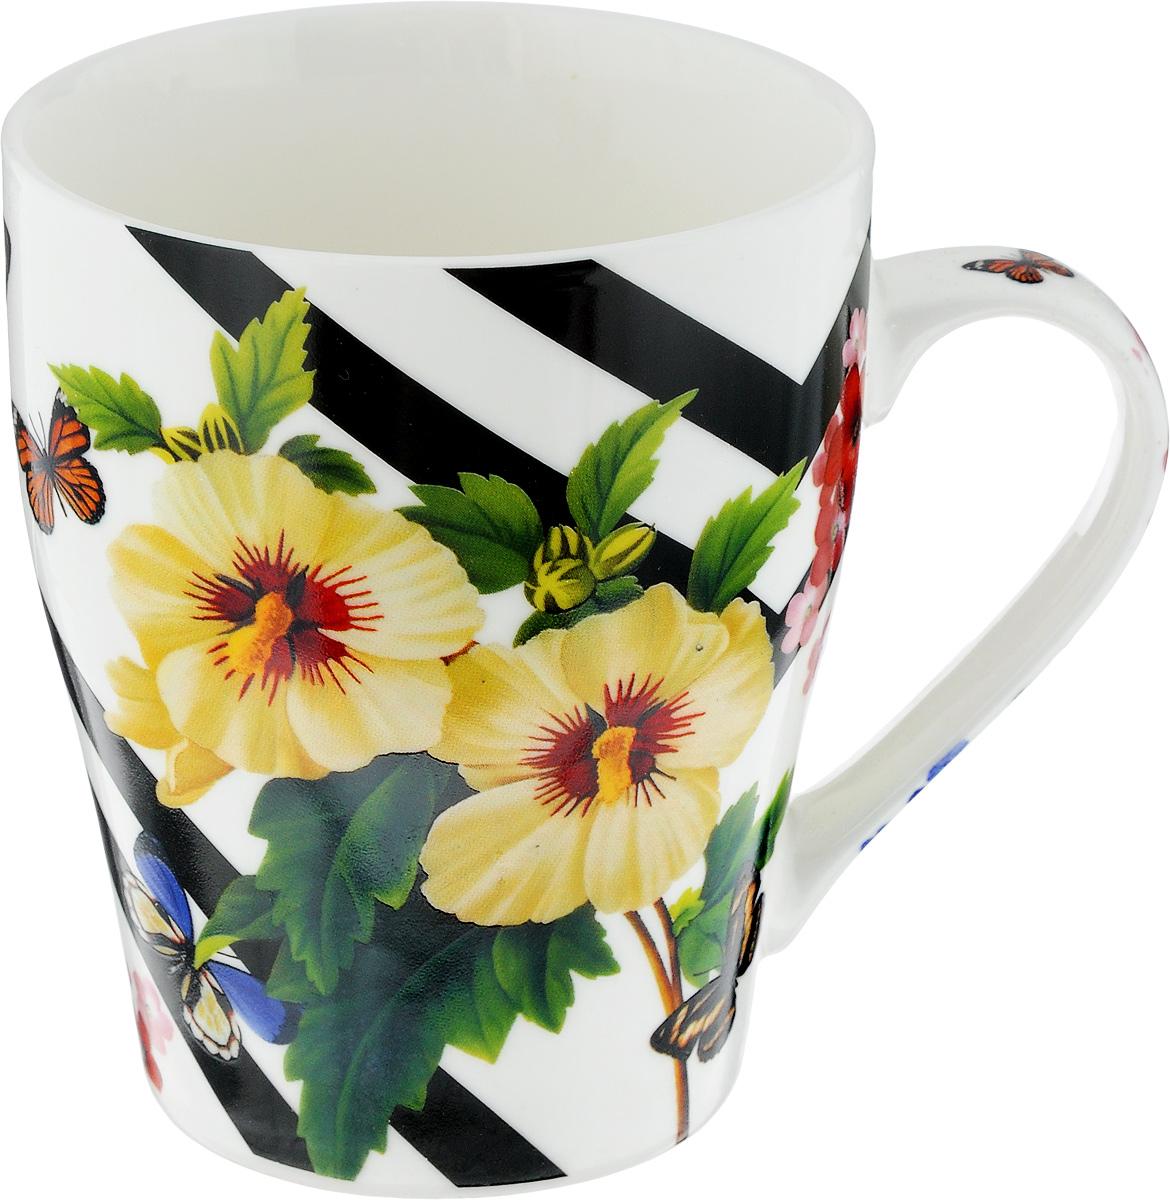 Кружка Loraine Цветы, 340 мл. 24450115510Кружка Loraine Цветы изготовлена из прочного качественного костяного фарфора. Изделие оформлено красочным рисунком. Благодаря своим термостатическим свойствам, изделие отлично сохраняет температуру содержимого - морозной зимой кружка будет согревать вас горячим чаем, а знойным летом, напротив, радовать прохладными напитками. Такой аксессуар создаст атмосферу тепла и уюта, настроит на позитивный лад и подарит хорошее настроение с самого утра. Это оригинальное изделие идеально подойдет в подарок близкому человеку. Диаметр (по верхнему краю): 8,3 см.Высота кружки: 10 см. Объем: 340 мл.